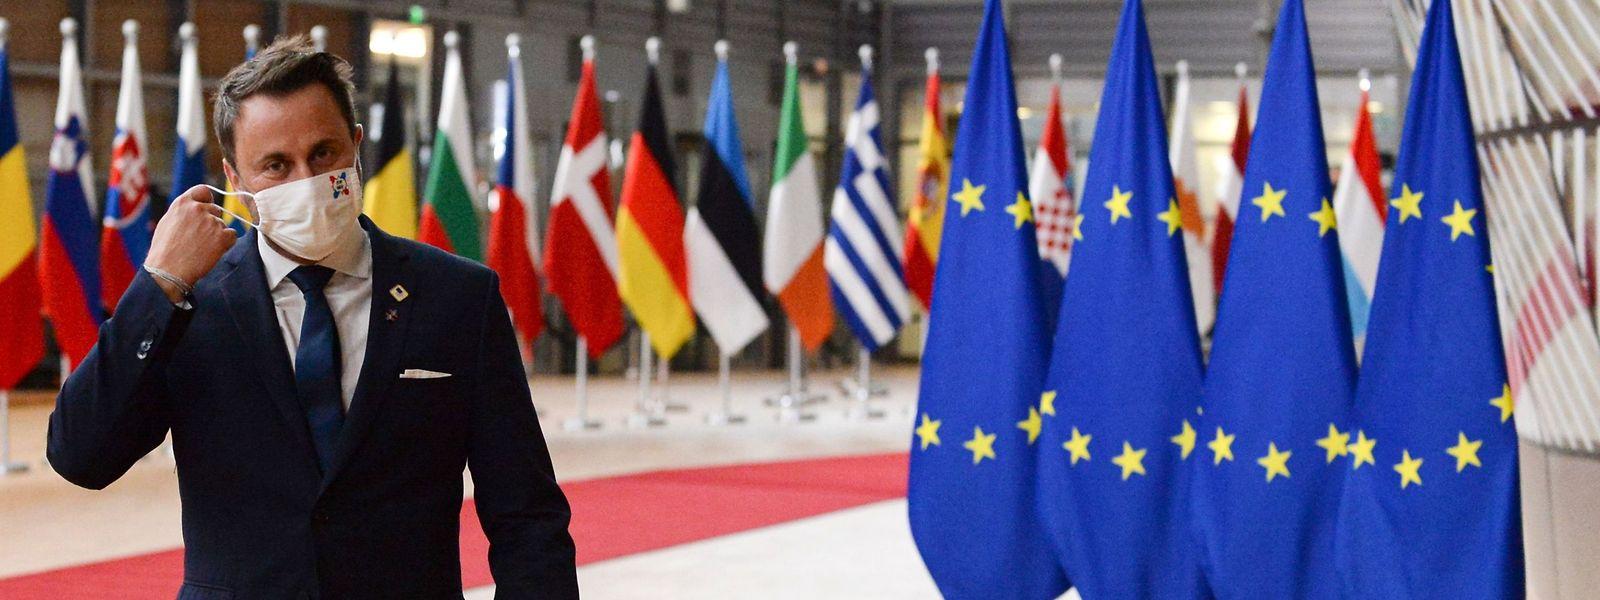 Face à la hausse importante des nouvelles infections, un Conseil de gouvernement extraordinaire pourrait se tenir dans les prochains jours, indique vendredi Xavier Bettel en marge du sommet européen.